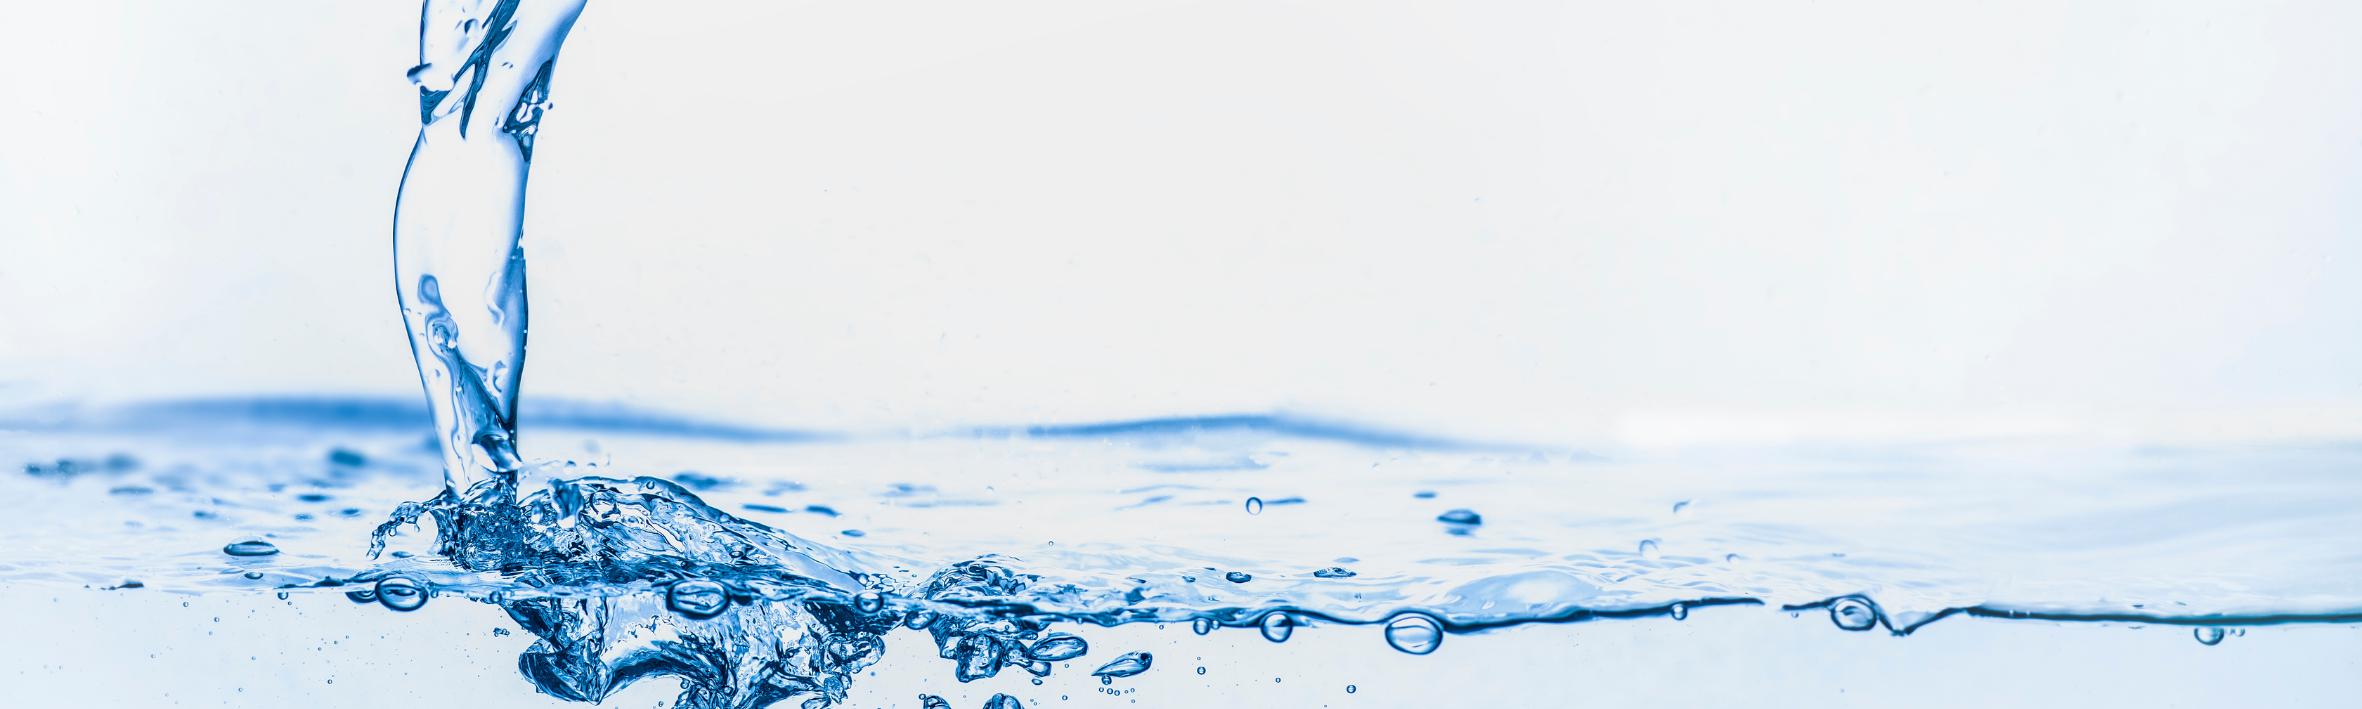 É gratificante iniciar 2021 falando sobre uma garrafa de água sustentável ou a famosa água em caixinha, isso nos deixa com brilho nos olhos! E sim, ela está sendo desenvolvida aqui no Brasil e por trás do processo existe muito estudo e tecnologia.